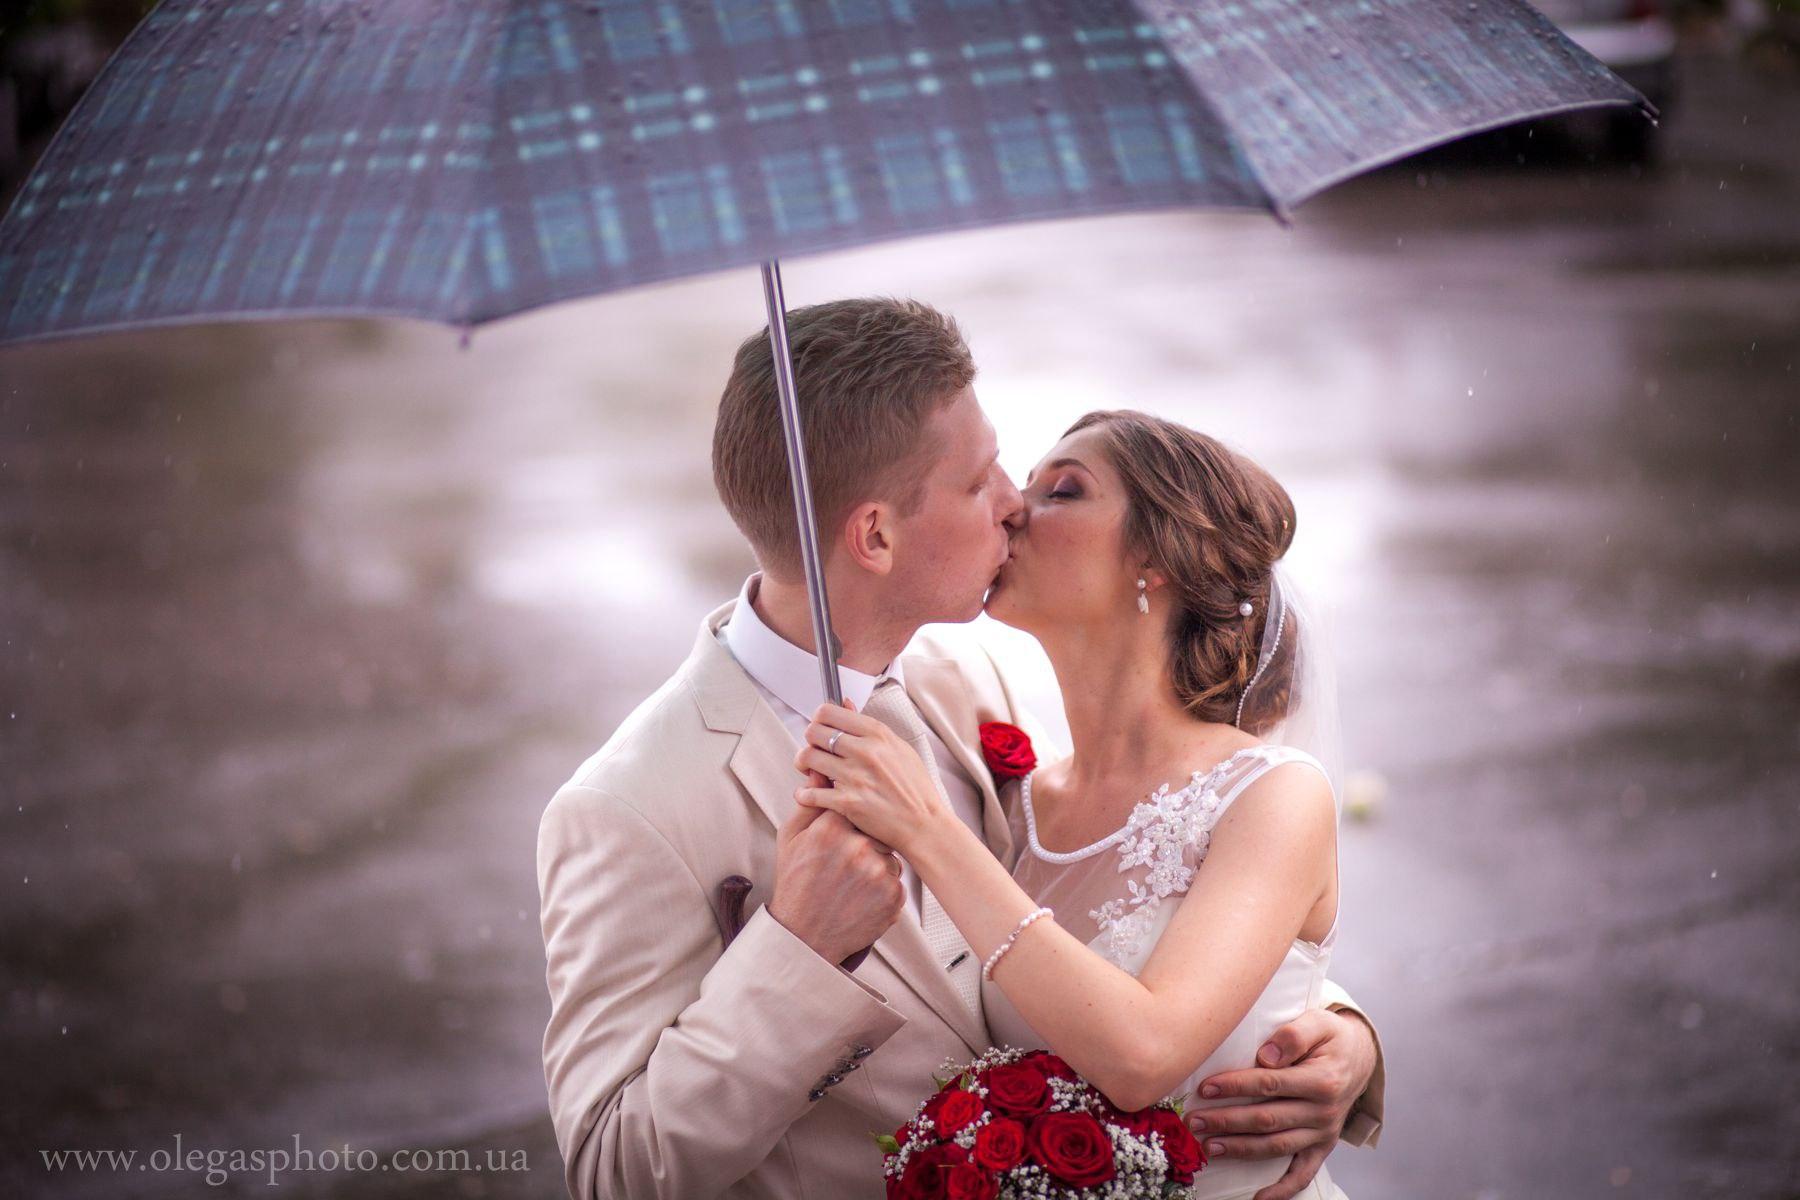 d1mw Z9XkM0 - Как получать удовольствие от подготовки к свадьбе: 6 советов молодоженам